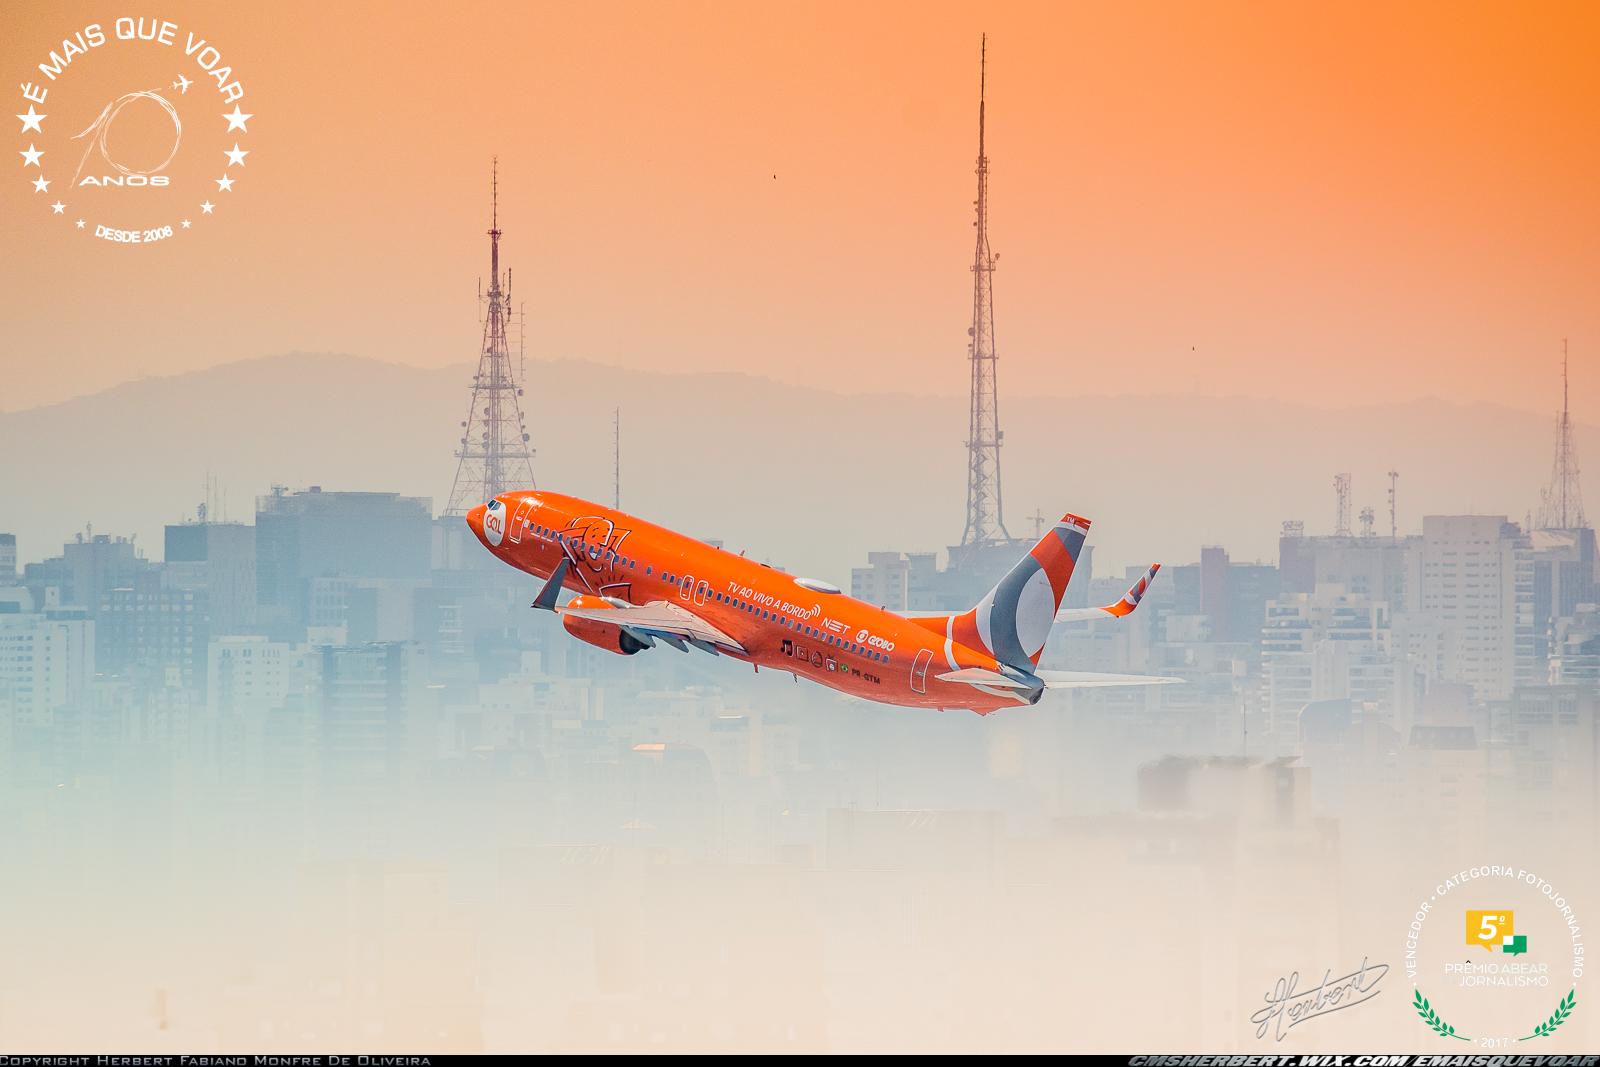 GOL lança voo direto de Recife para Santiago do Chile | É MAIS QUE VOAR